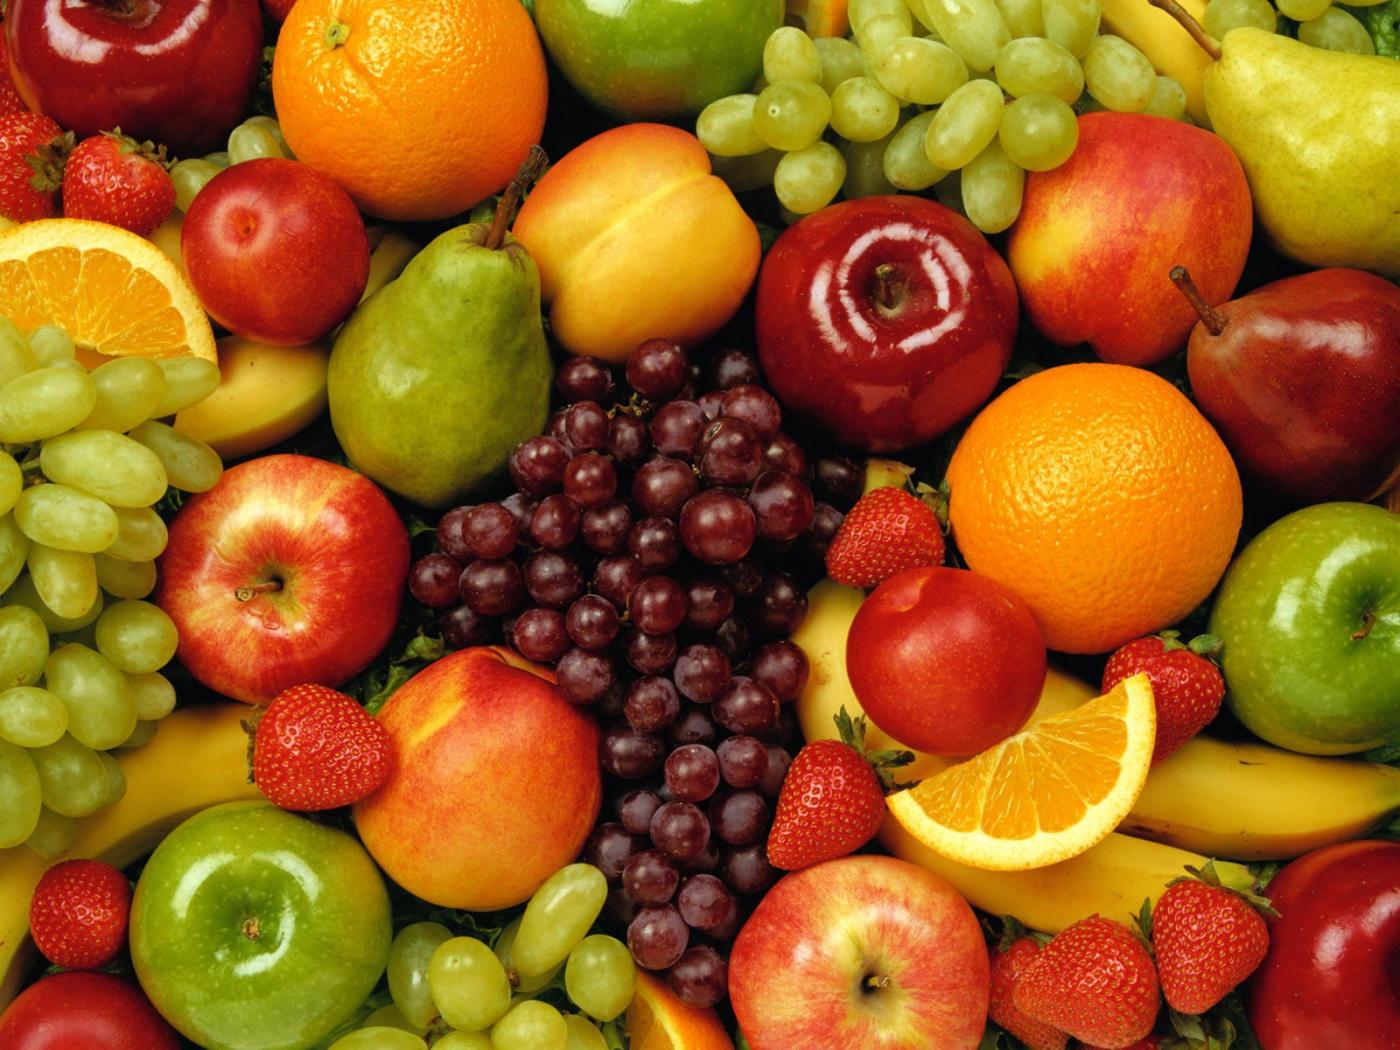 10病例说明:久病不愈,可能水果在作怪(下)_图1-1